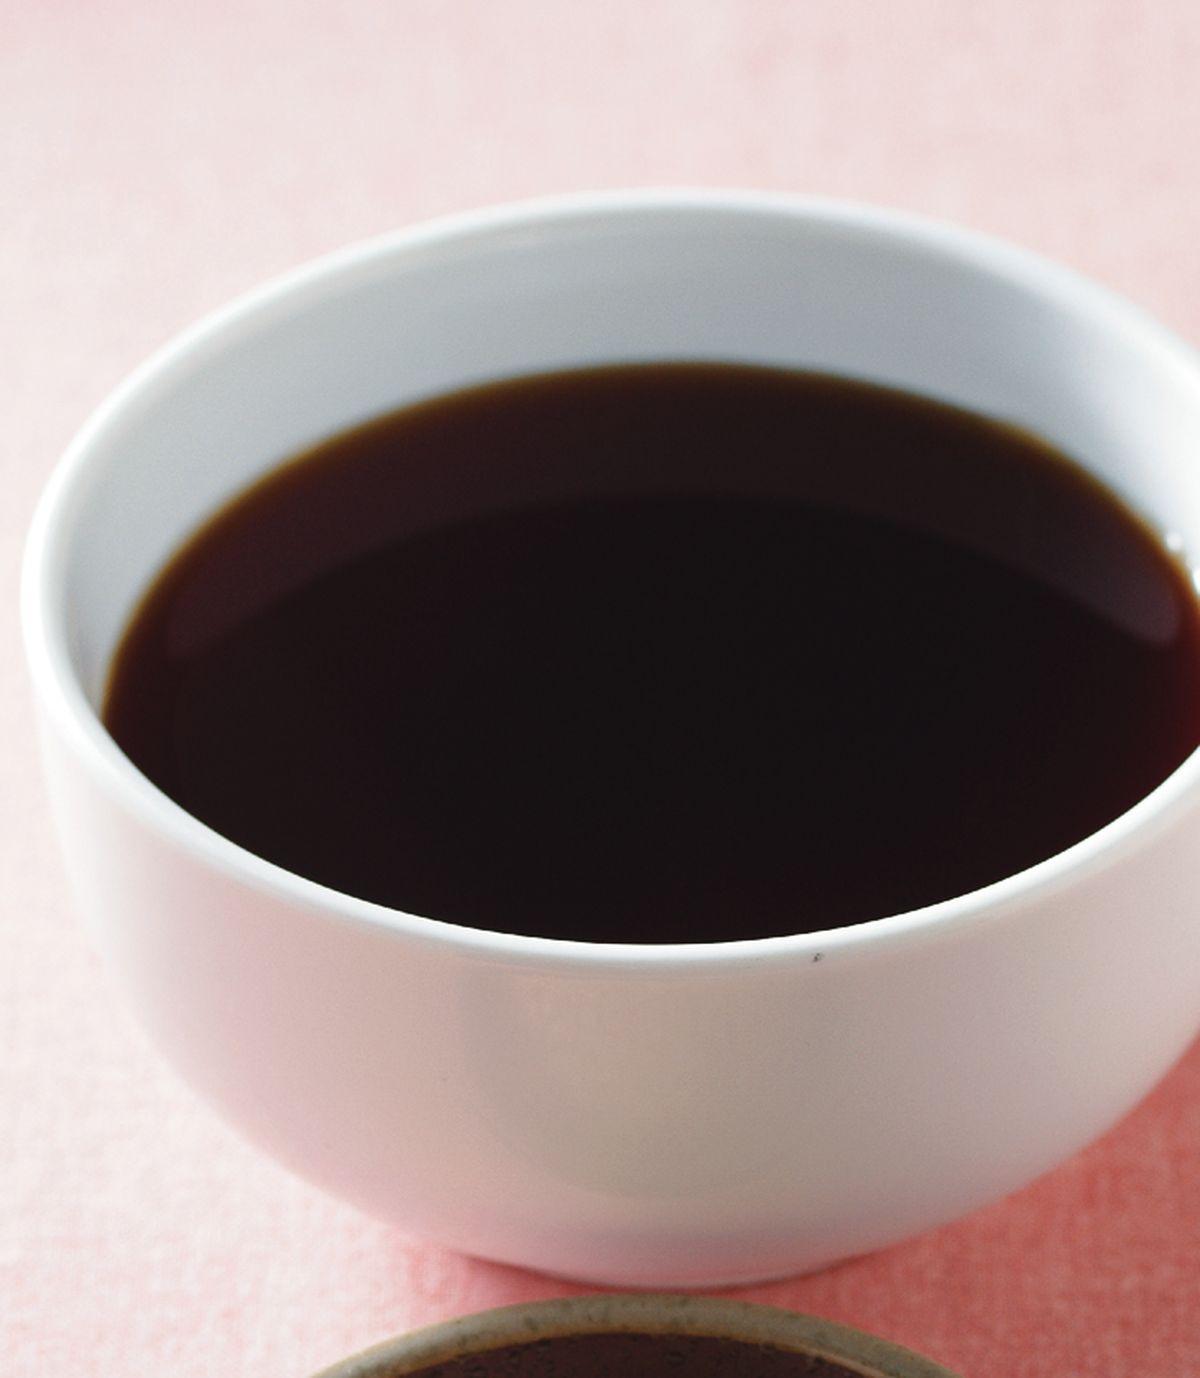 食譜:焦糖滷汁